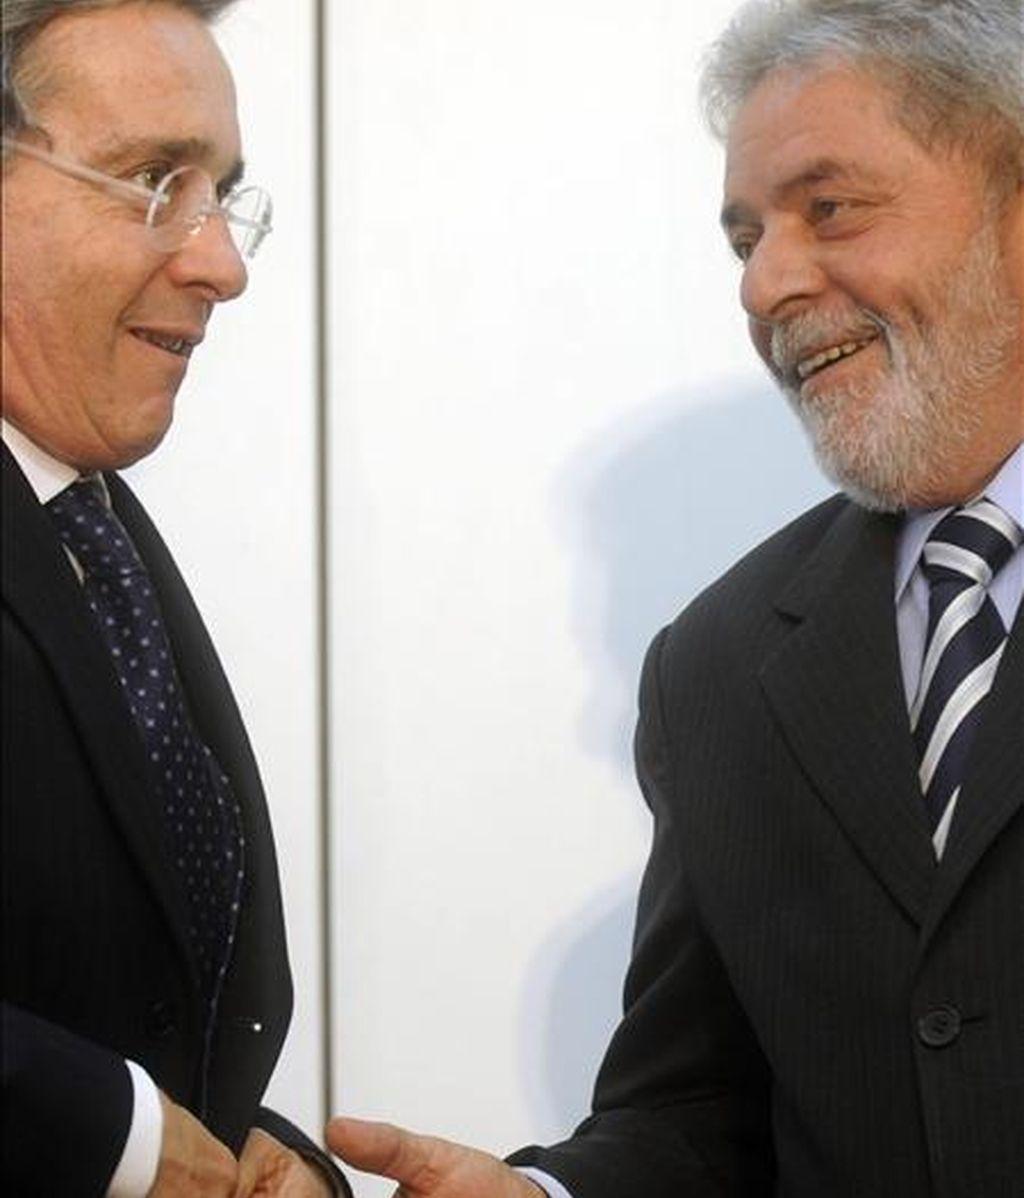 El presidente brasileño, Luiz Inácio Lula da Silva, saluda a su homologo colombiano, Álvaro Uribe. EFE/Archivo